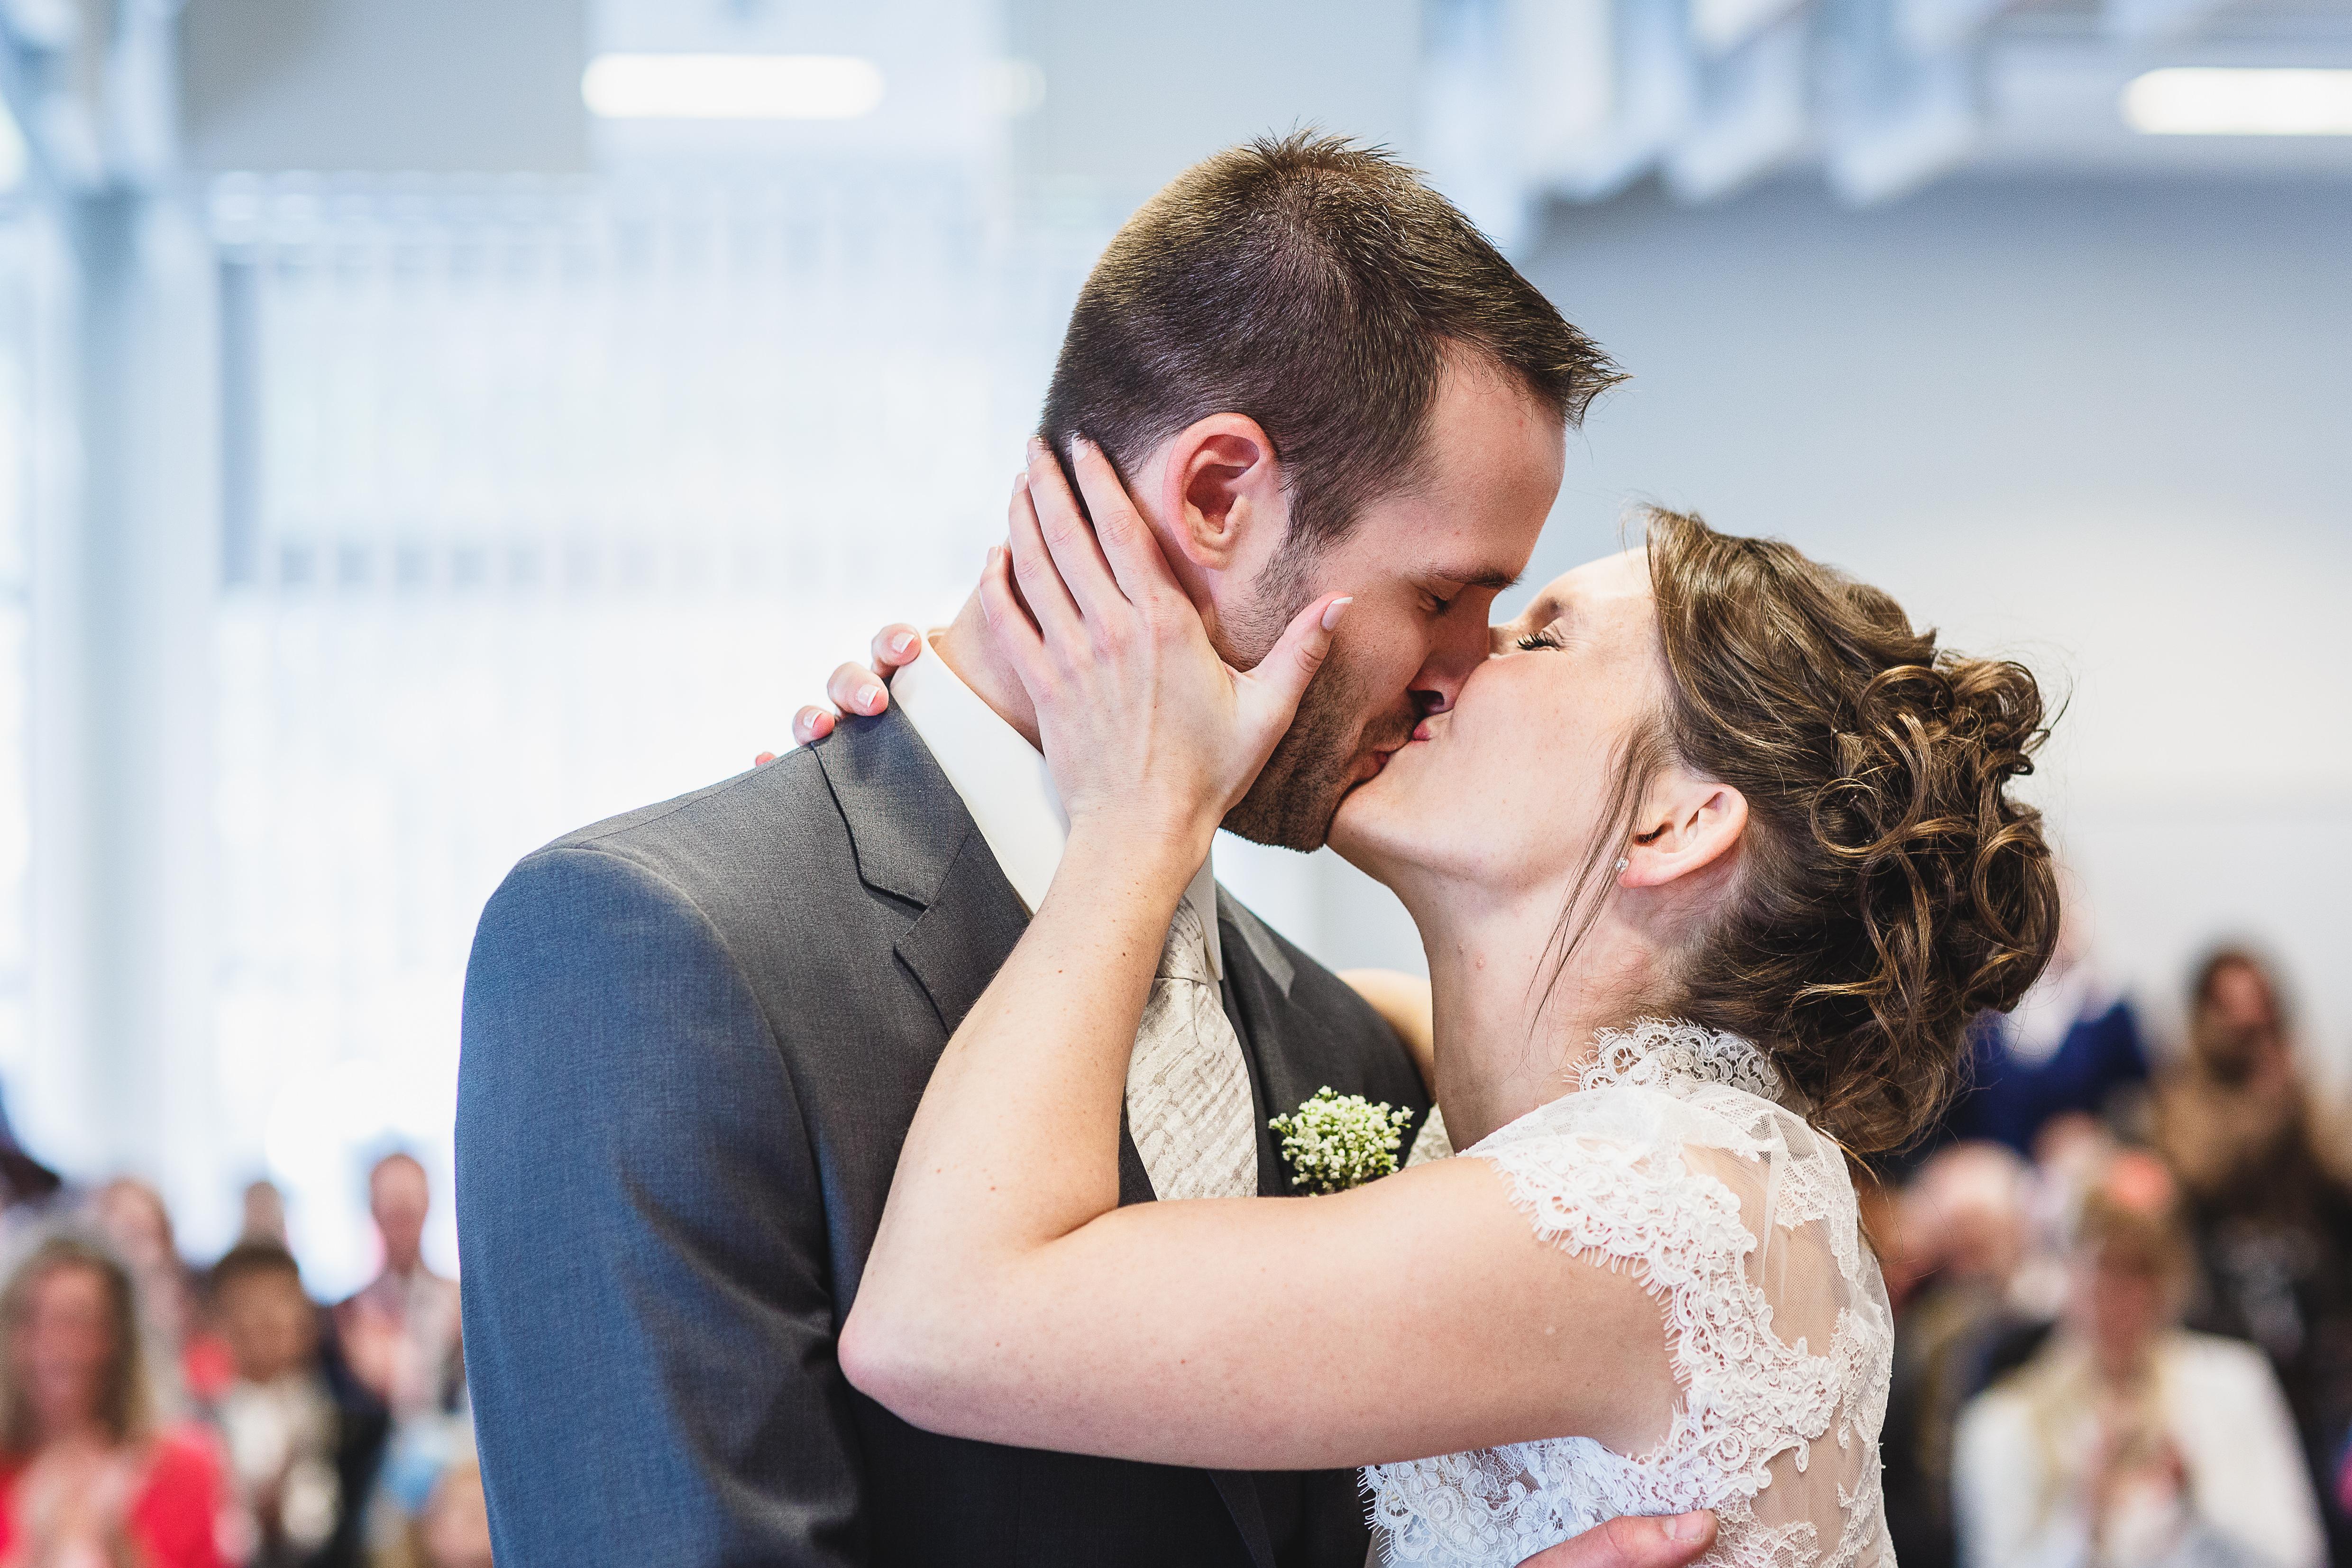 Mon mariage plein d'humour et de tendresse : notre cérémonie civile personnalisée